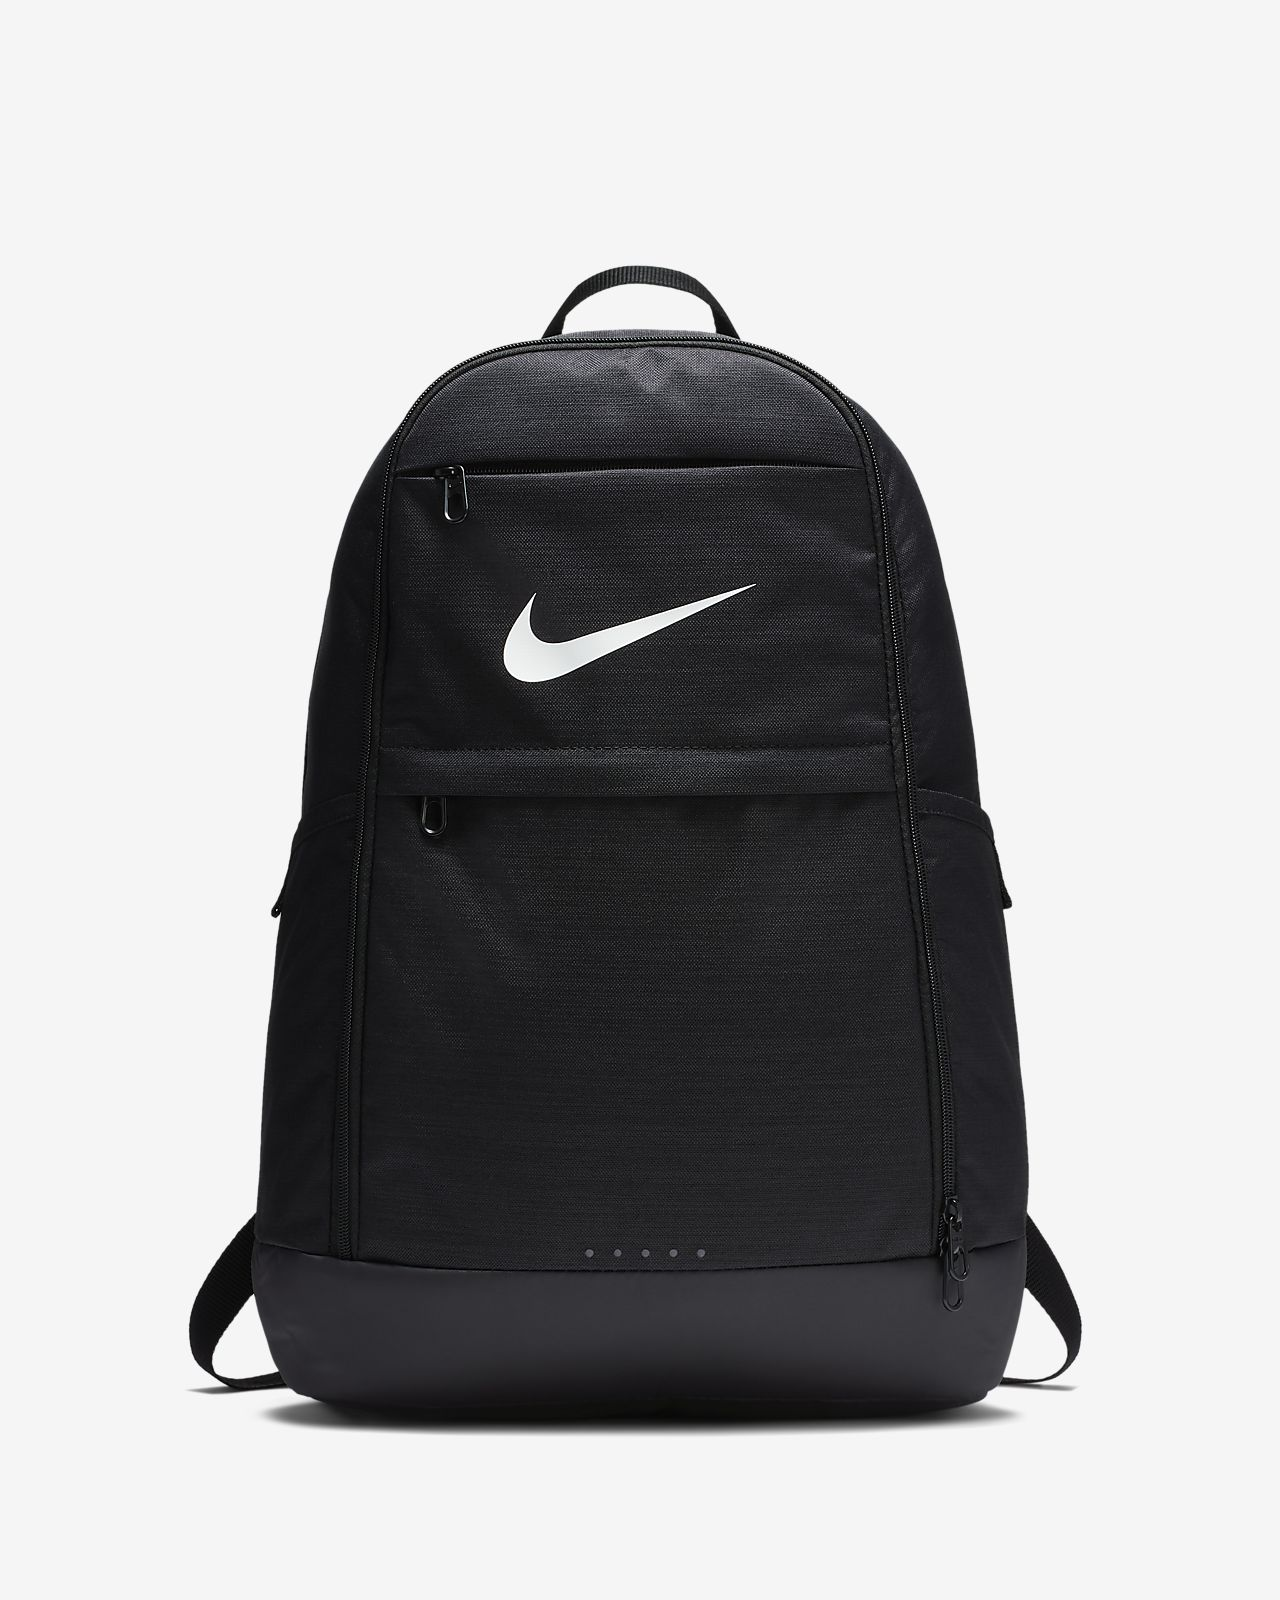 05c934c944 Nike Brasilia Training Backpack (Extra Large). Nike.com